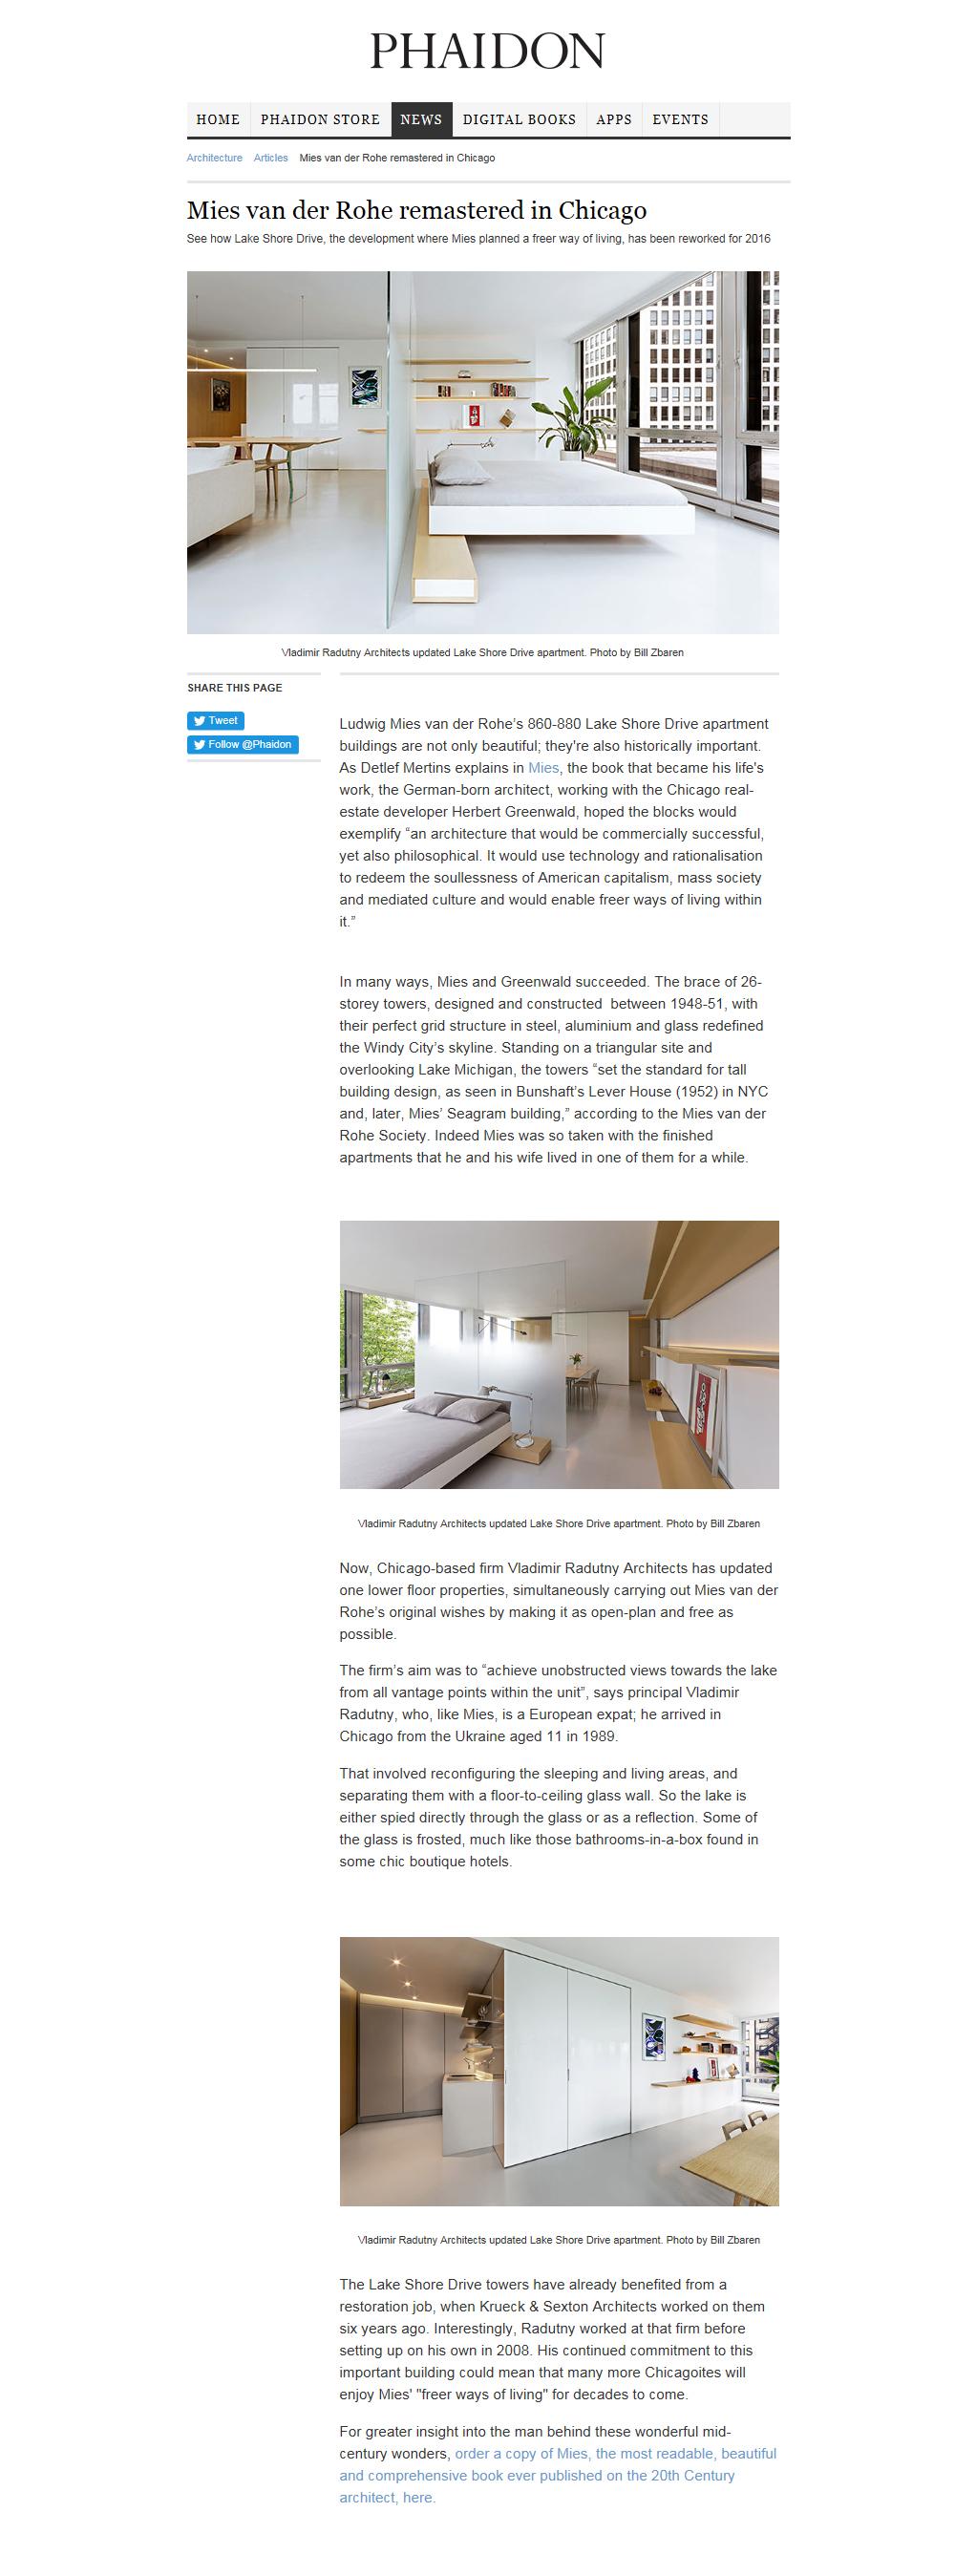 phaidon_article.jpg